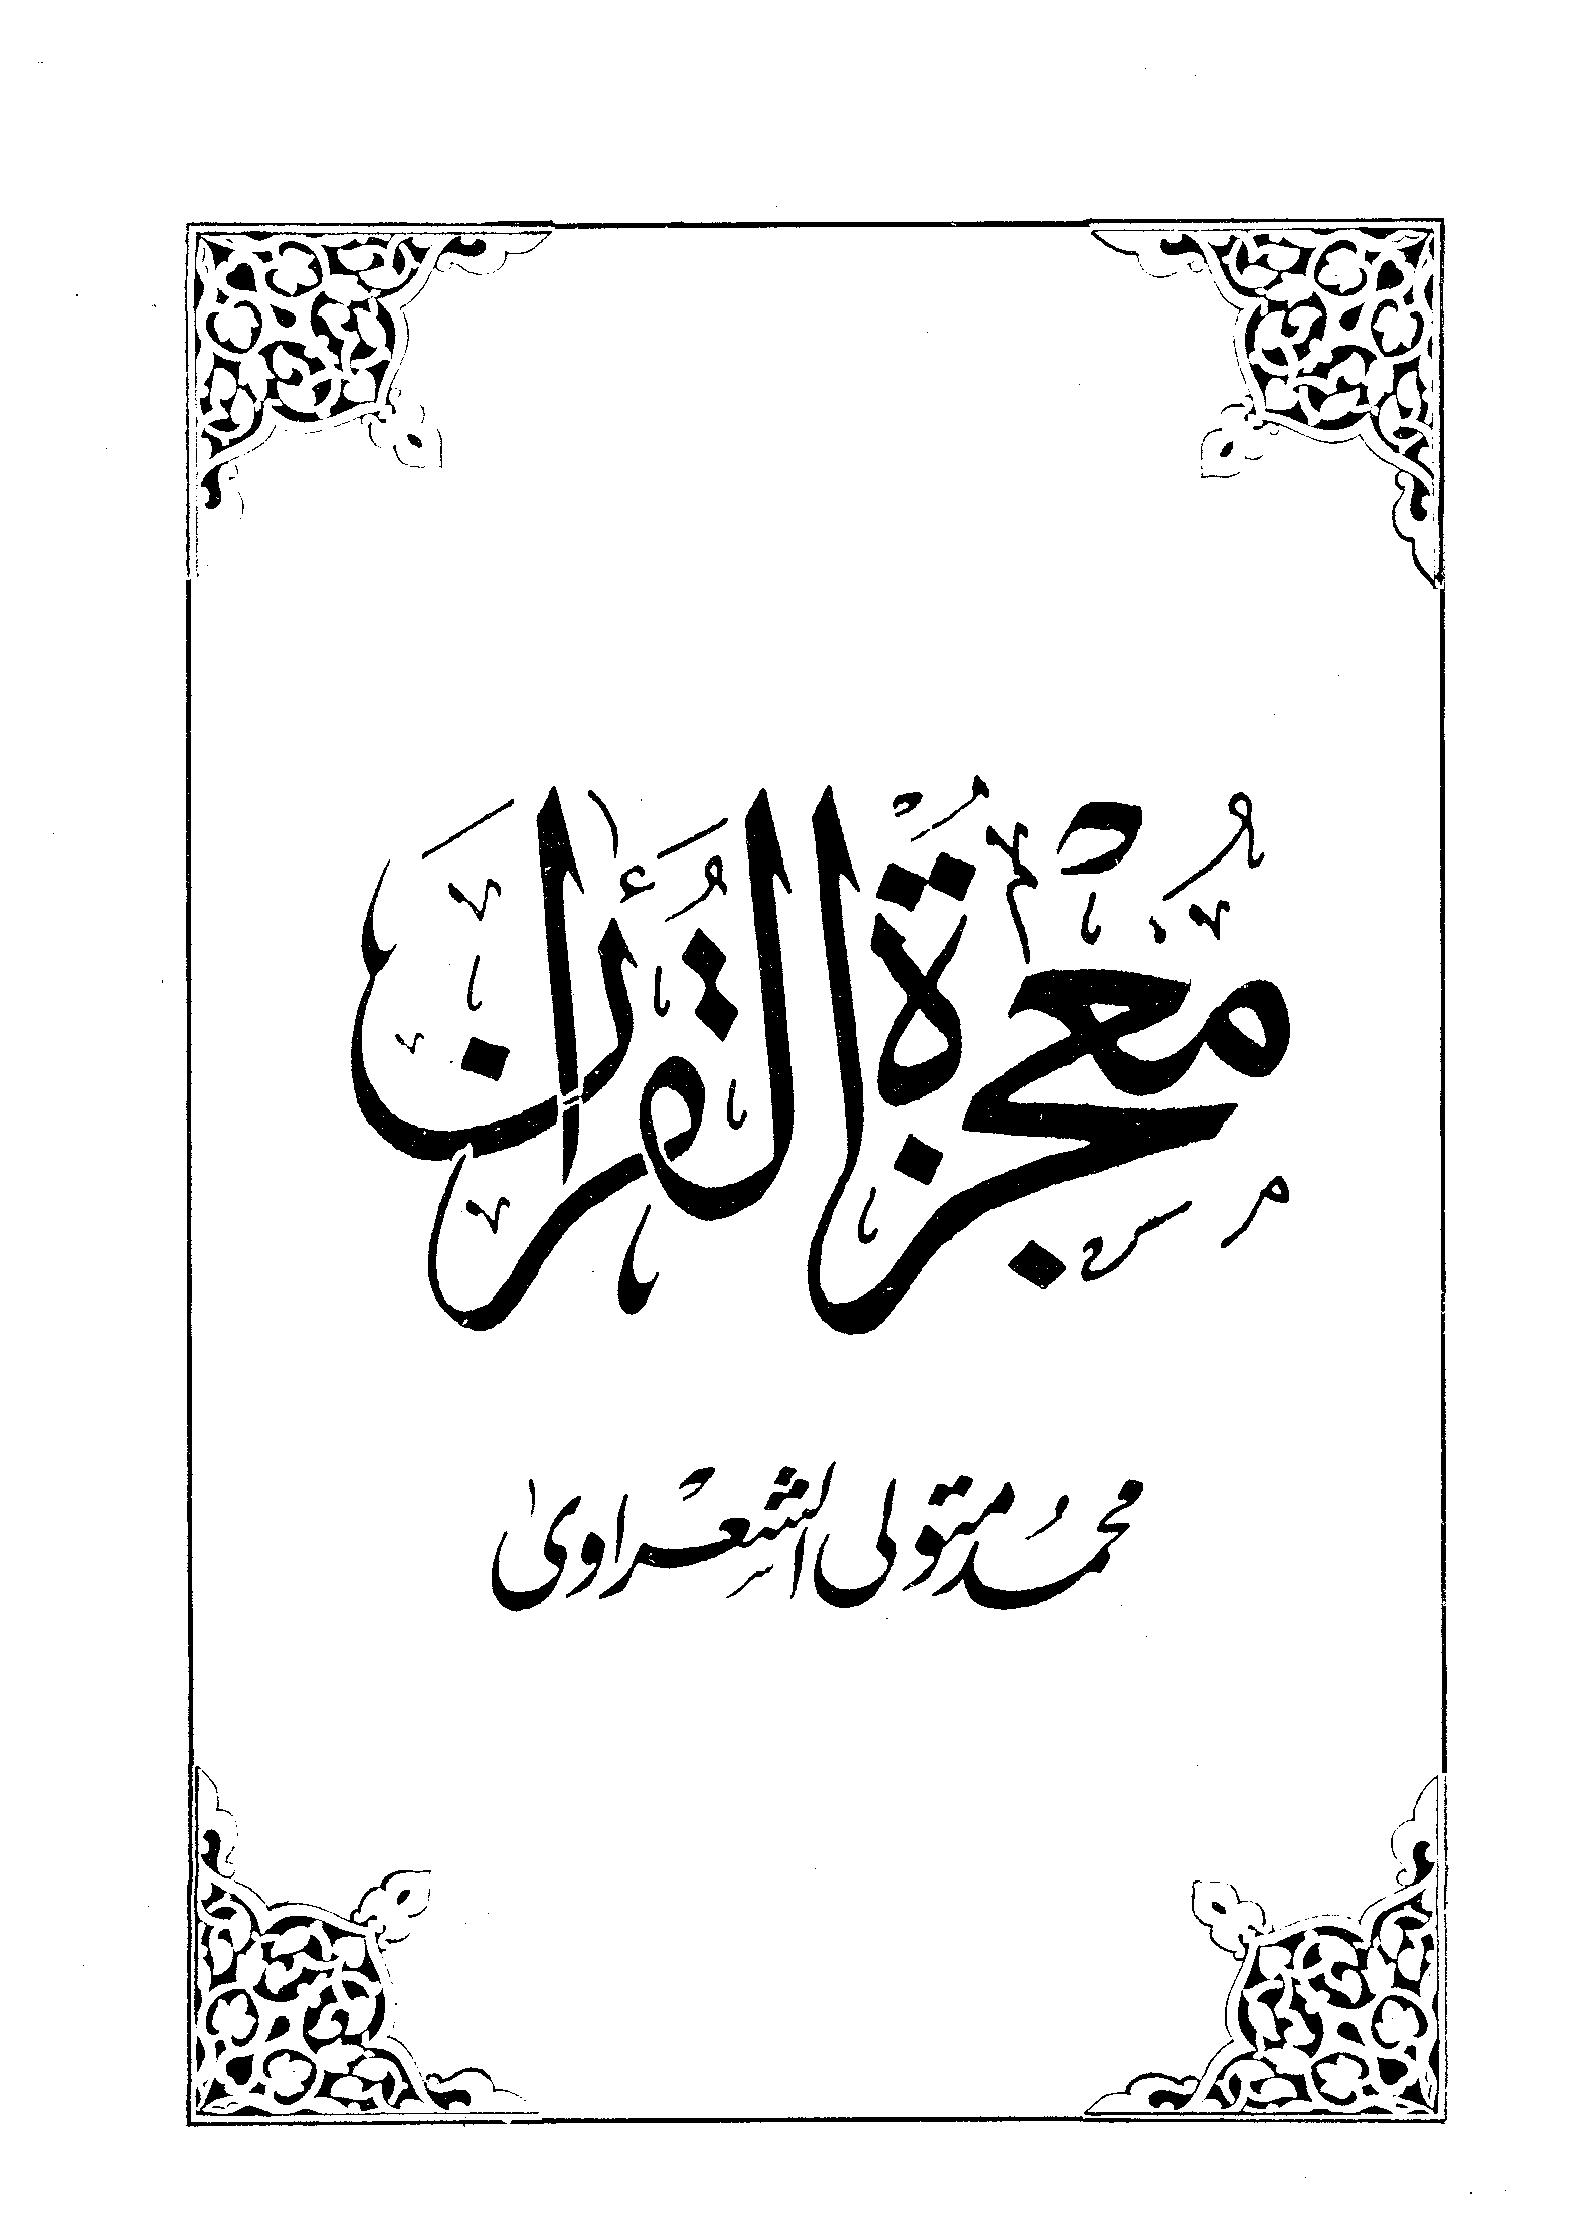 تحميل كتاب معجزة القرآن لـِ: الشيخ محمد متولي الشعراوي (ت 1418)